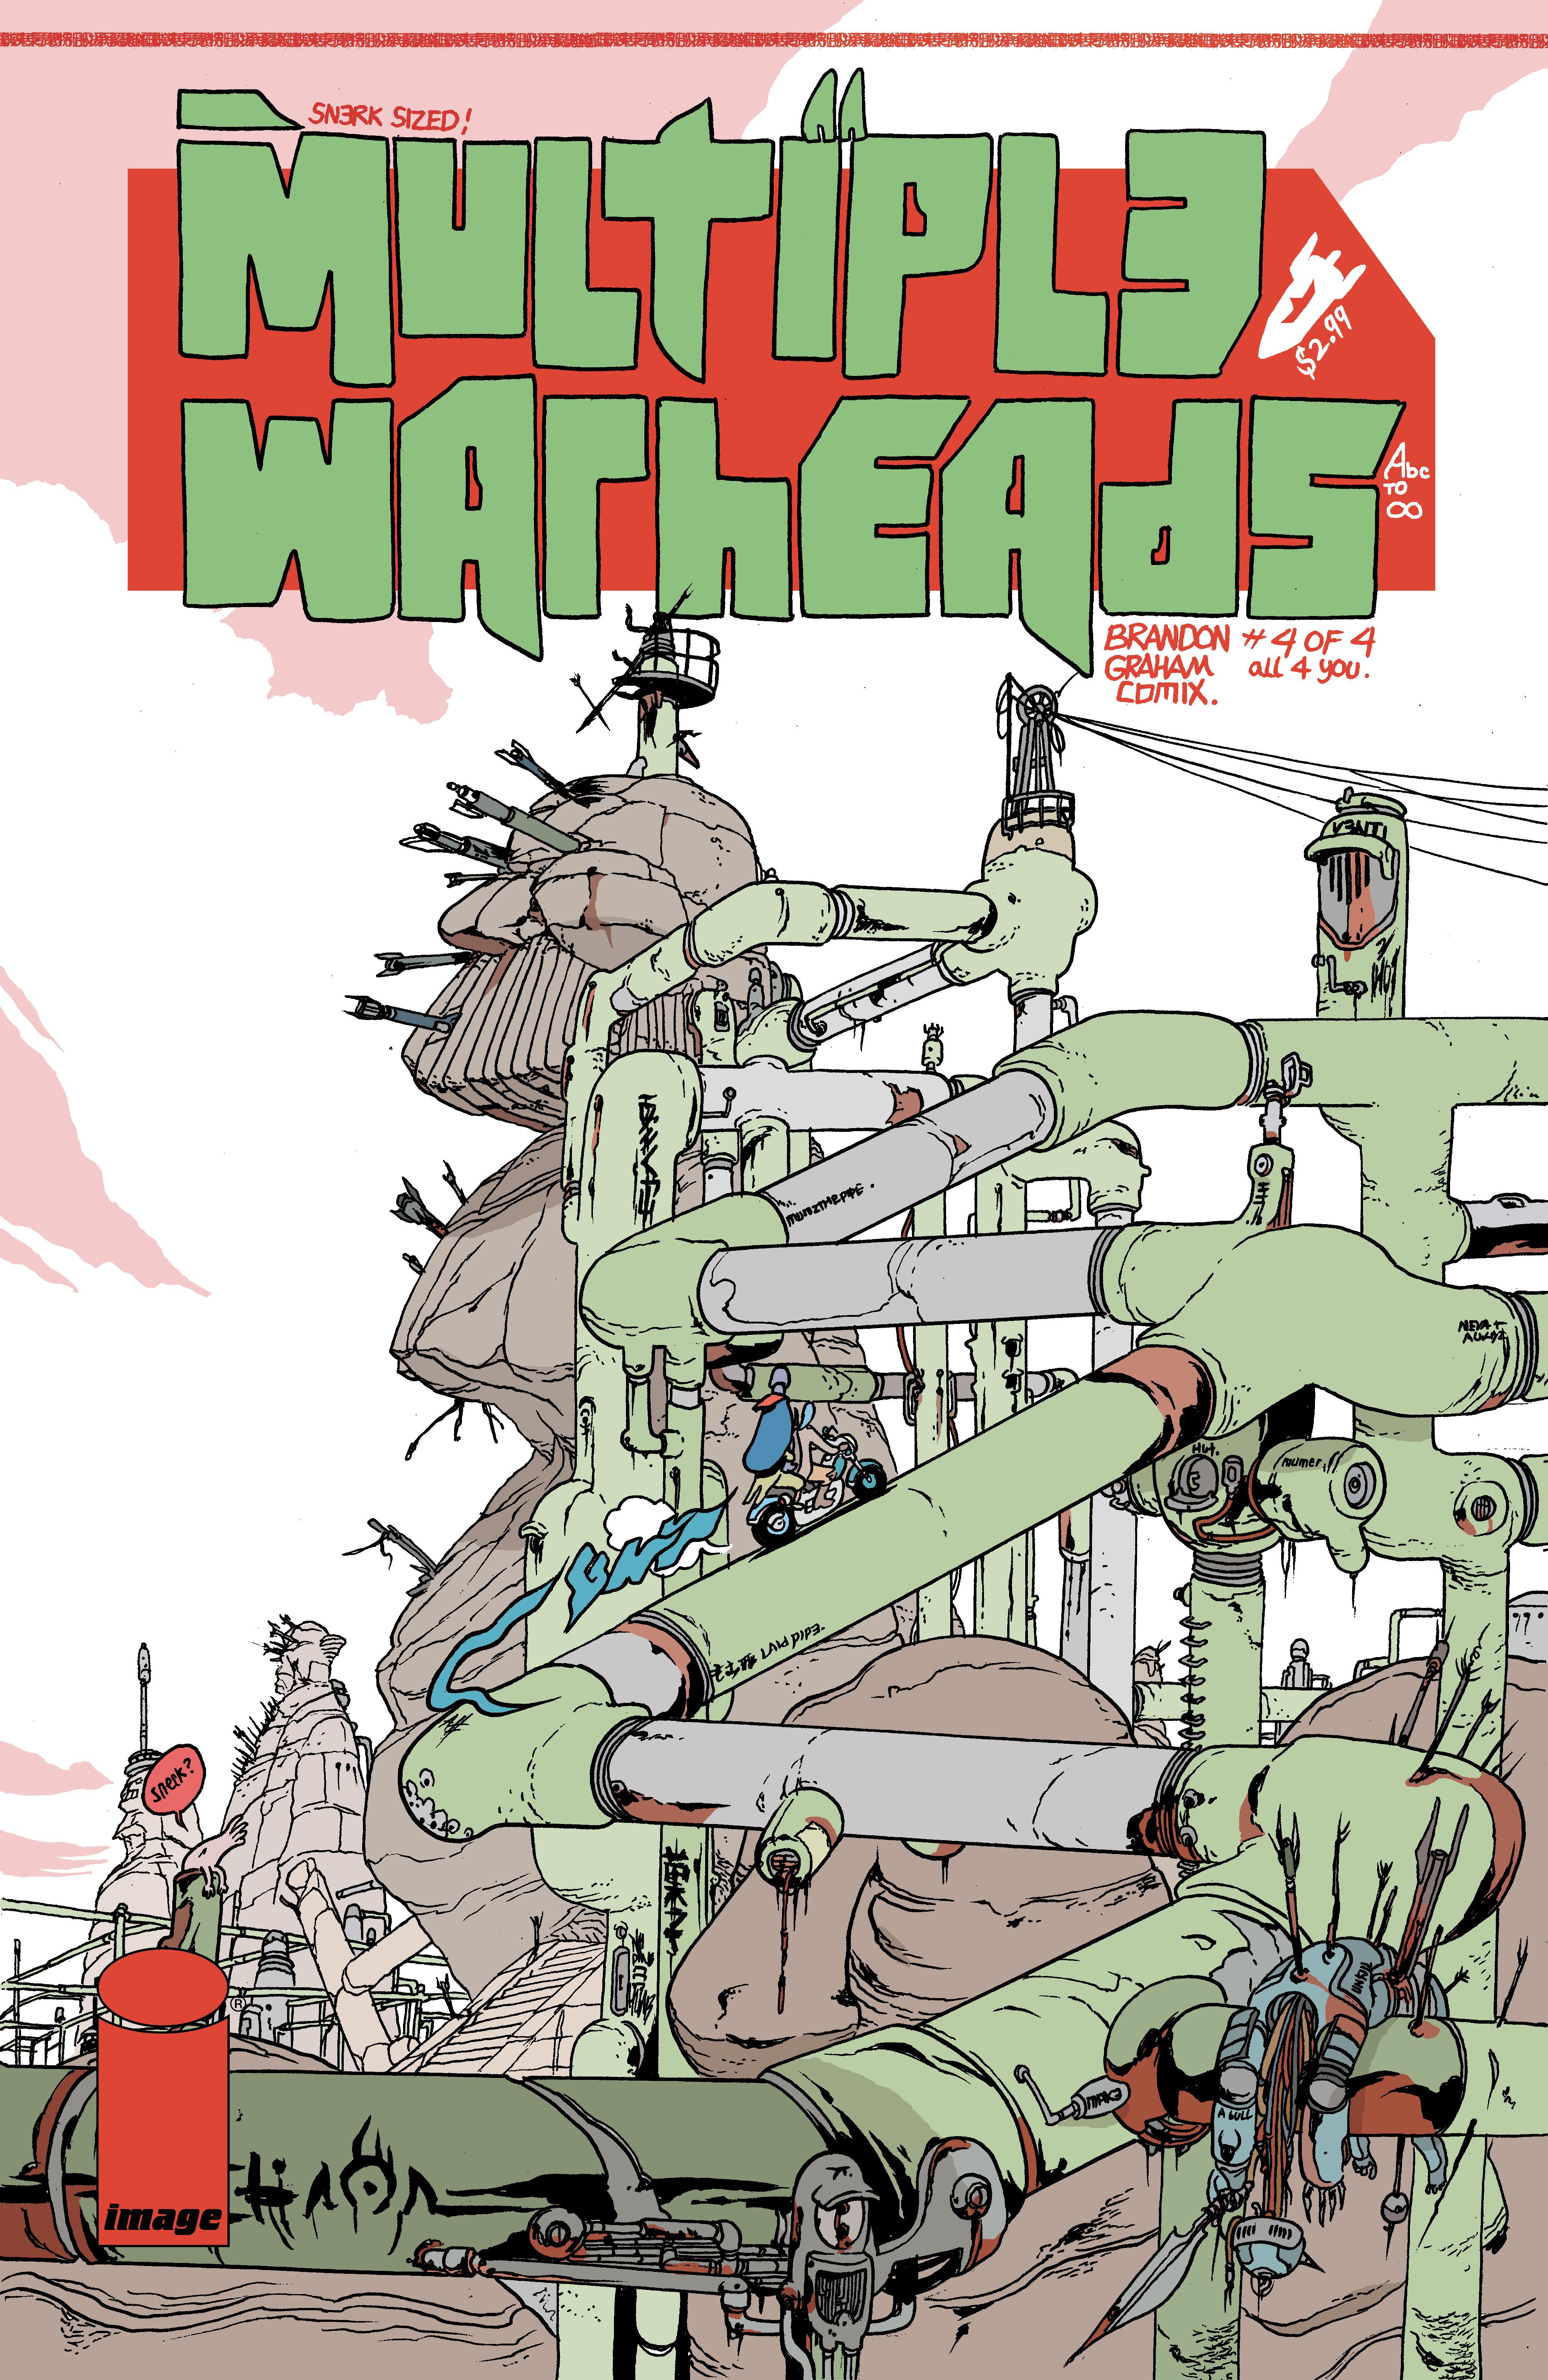 Cele mai bune* benzi desenate din 2015 - Partea I